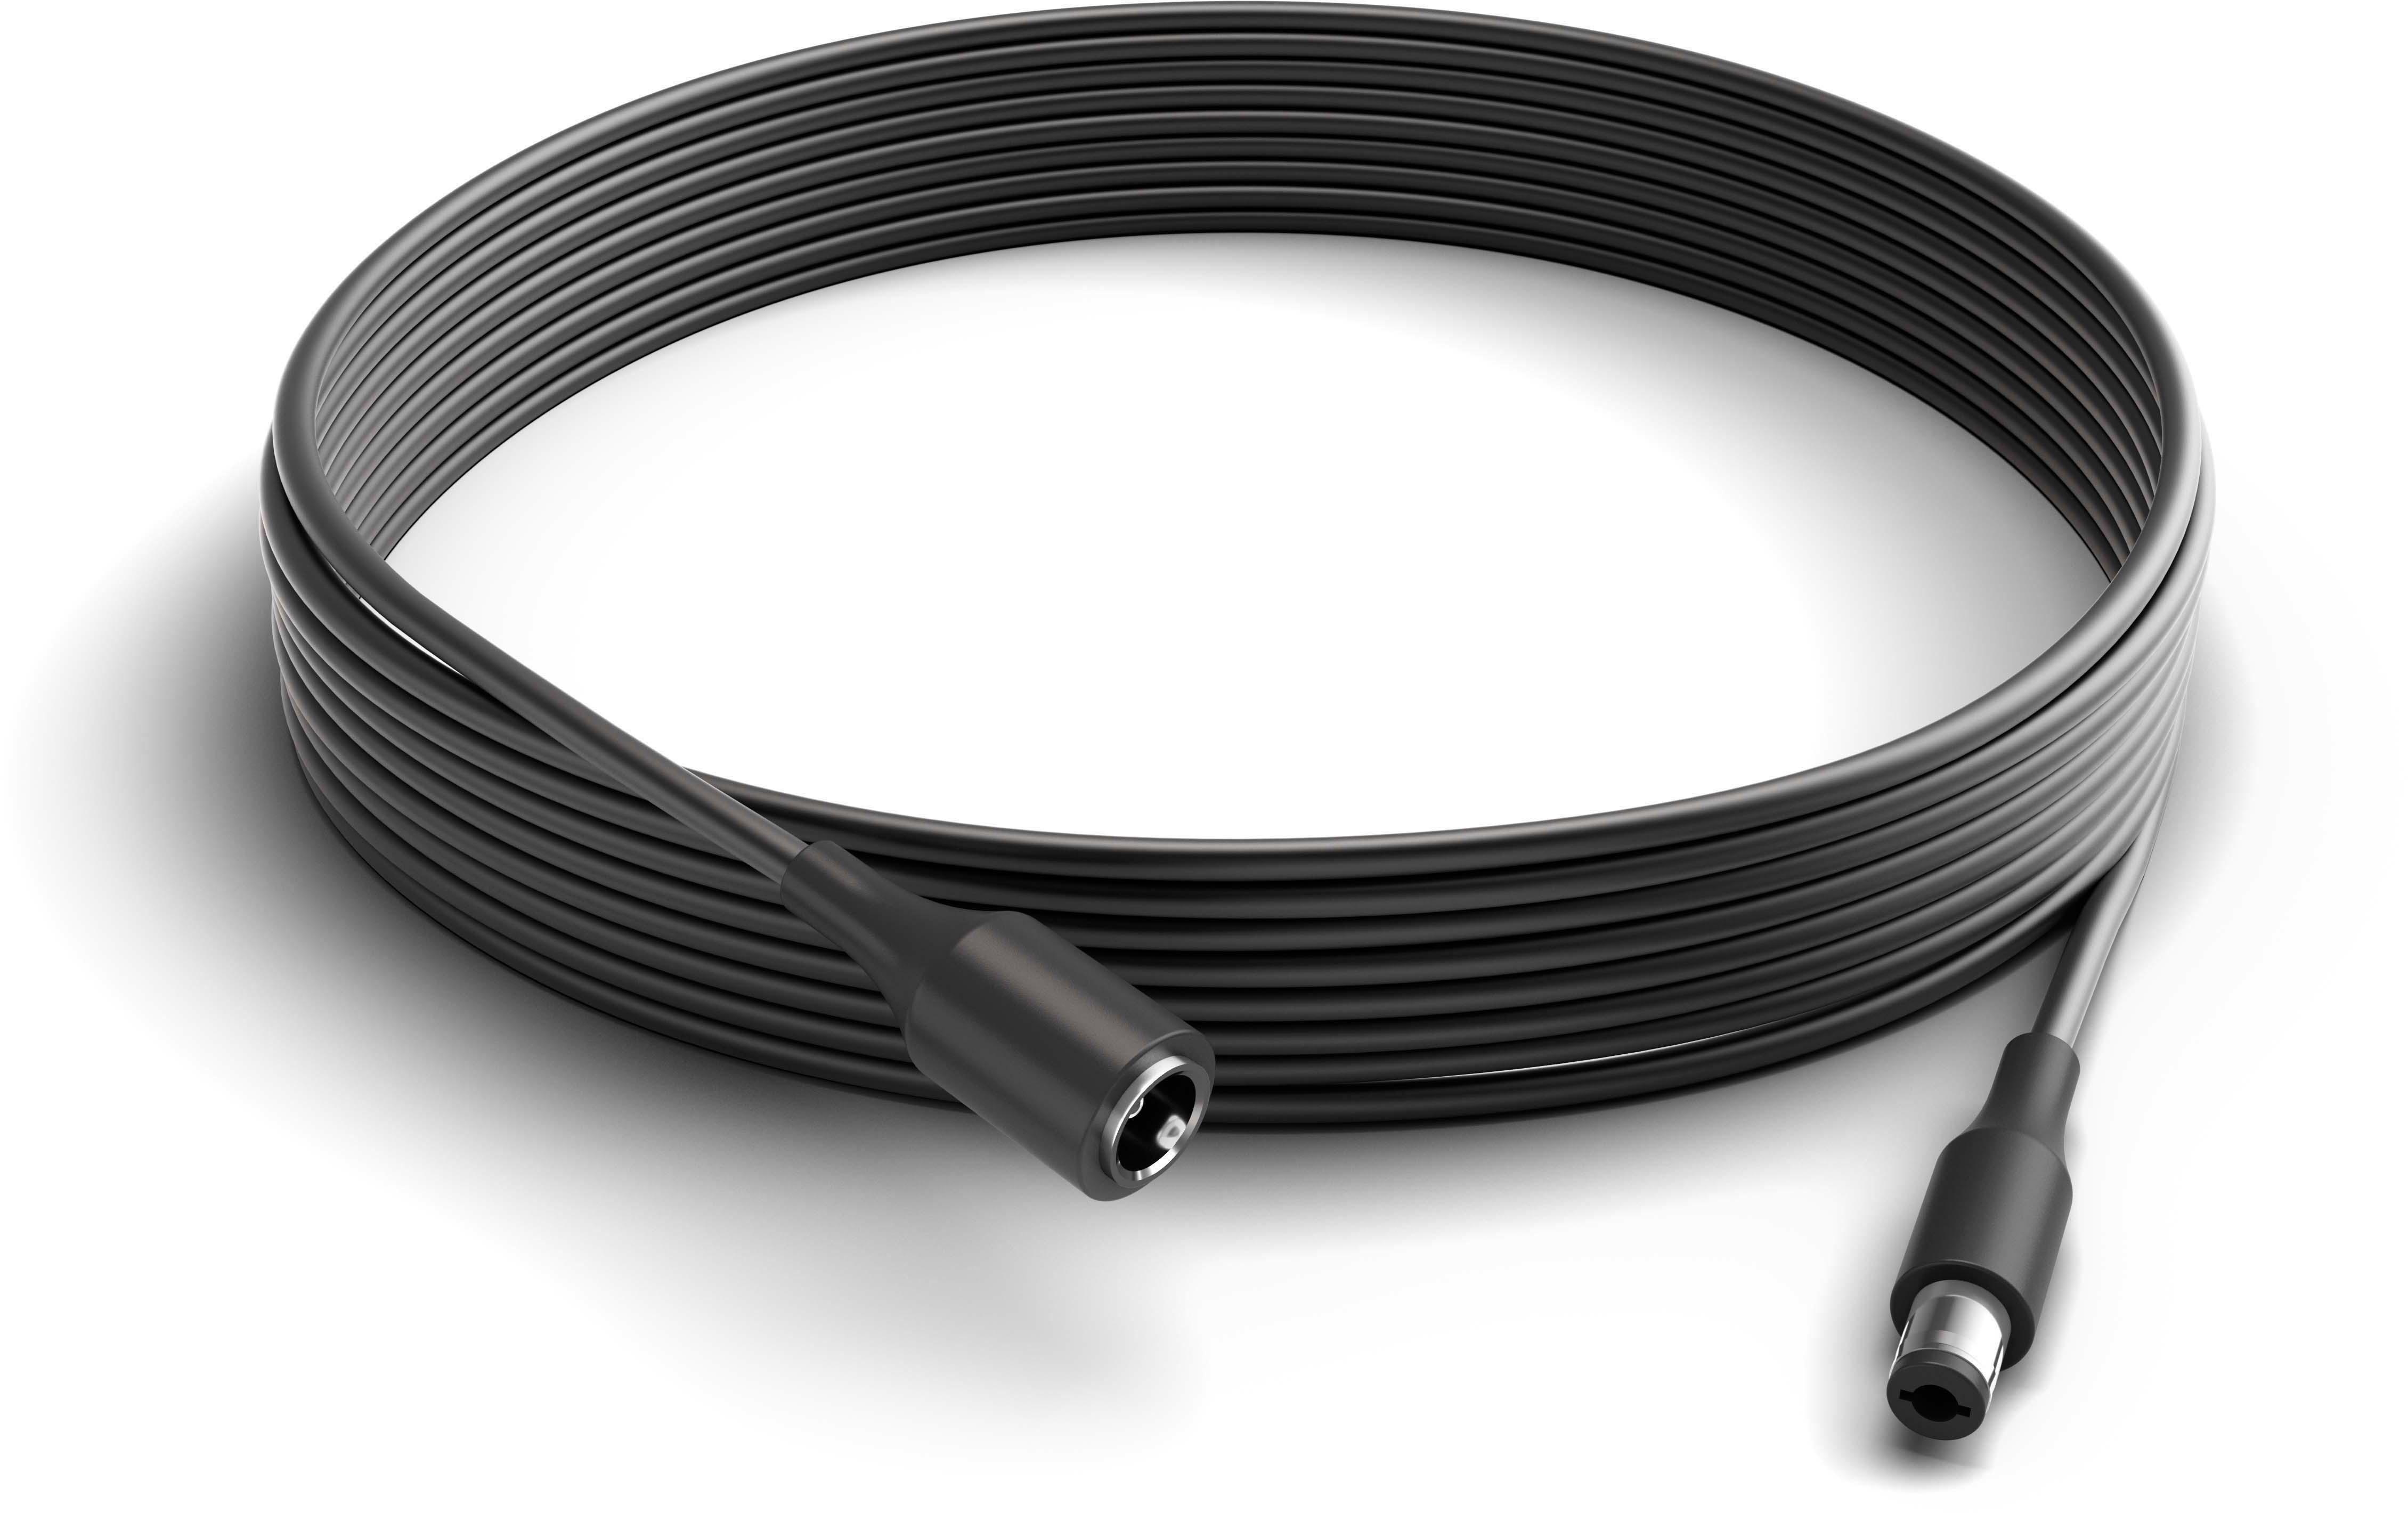 Kabel 7,5m Verlängerungskabel Verbindungskabel mit 7 polig Stecker und Buchse